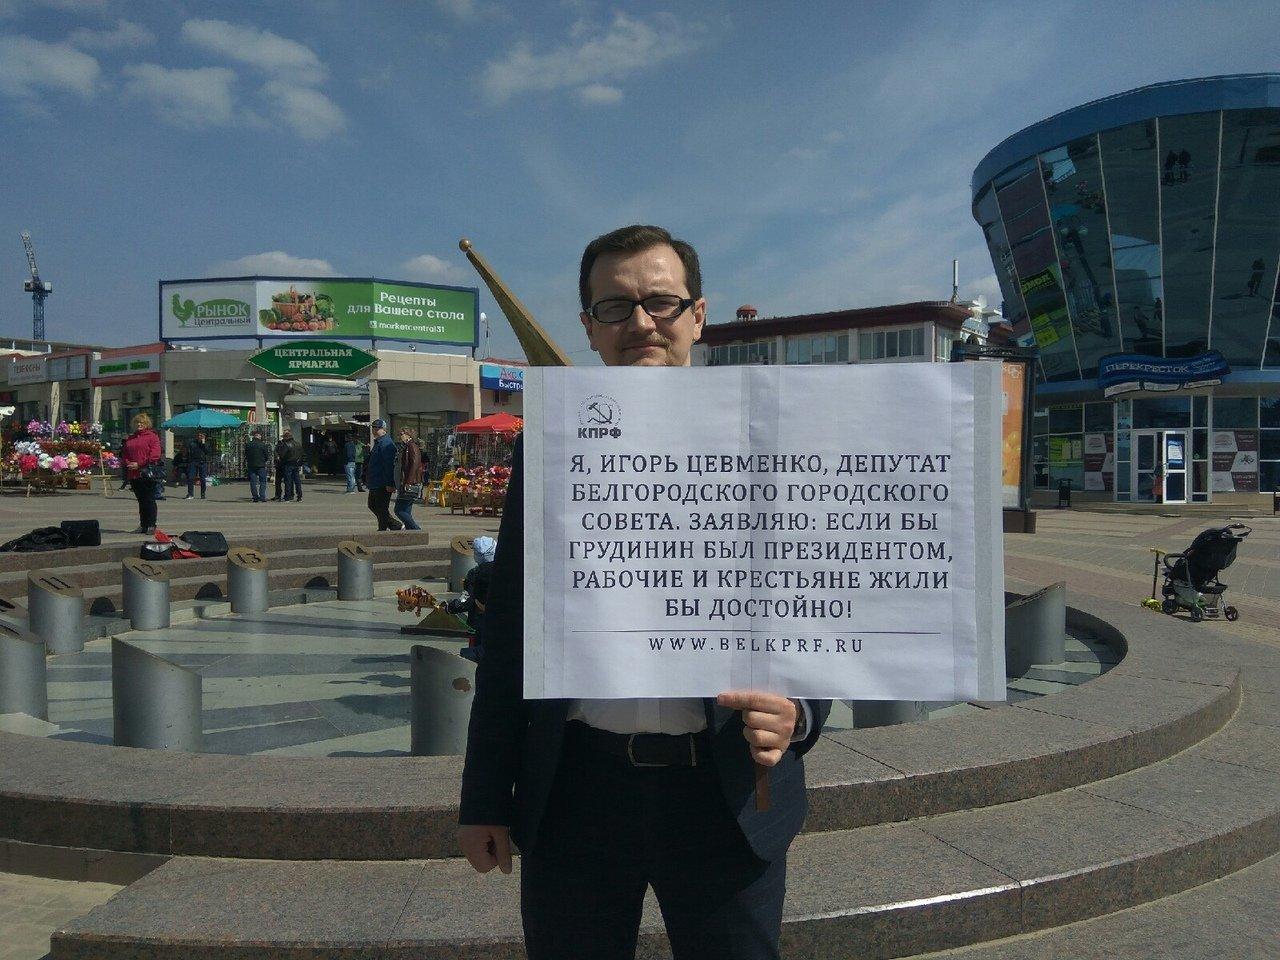 Белгородские депутаты вышли на пикет в защиту Павла Грудинина, фото-4, Фото Дарьи Клоповской